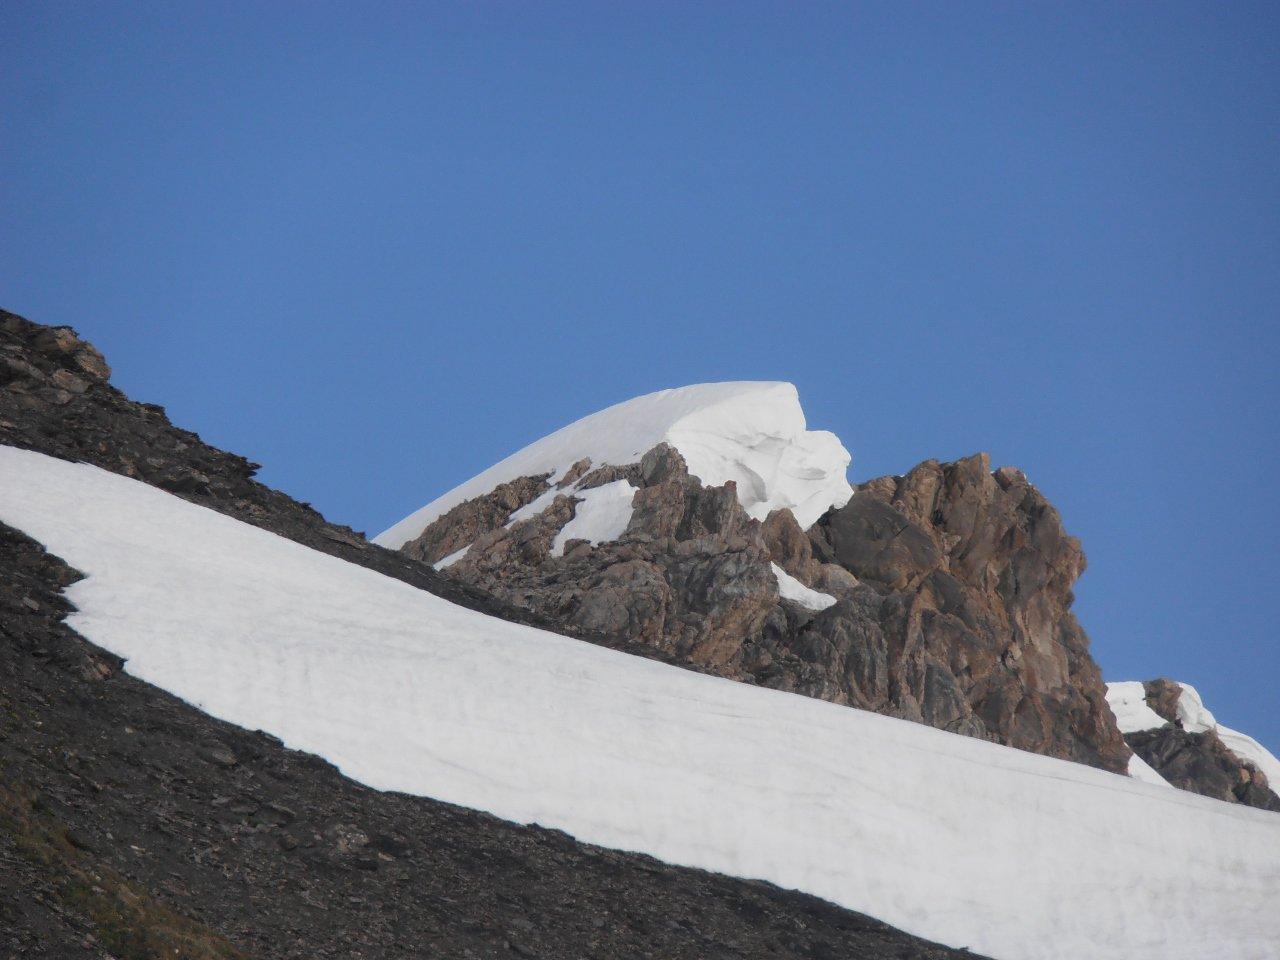 04 - grande cornice di neve in cima al Peleau Blanc